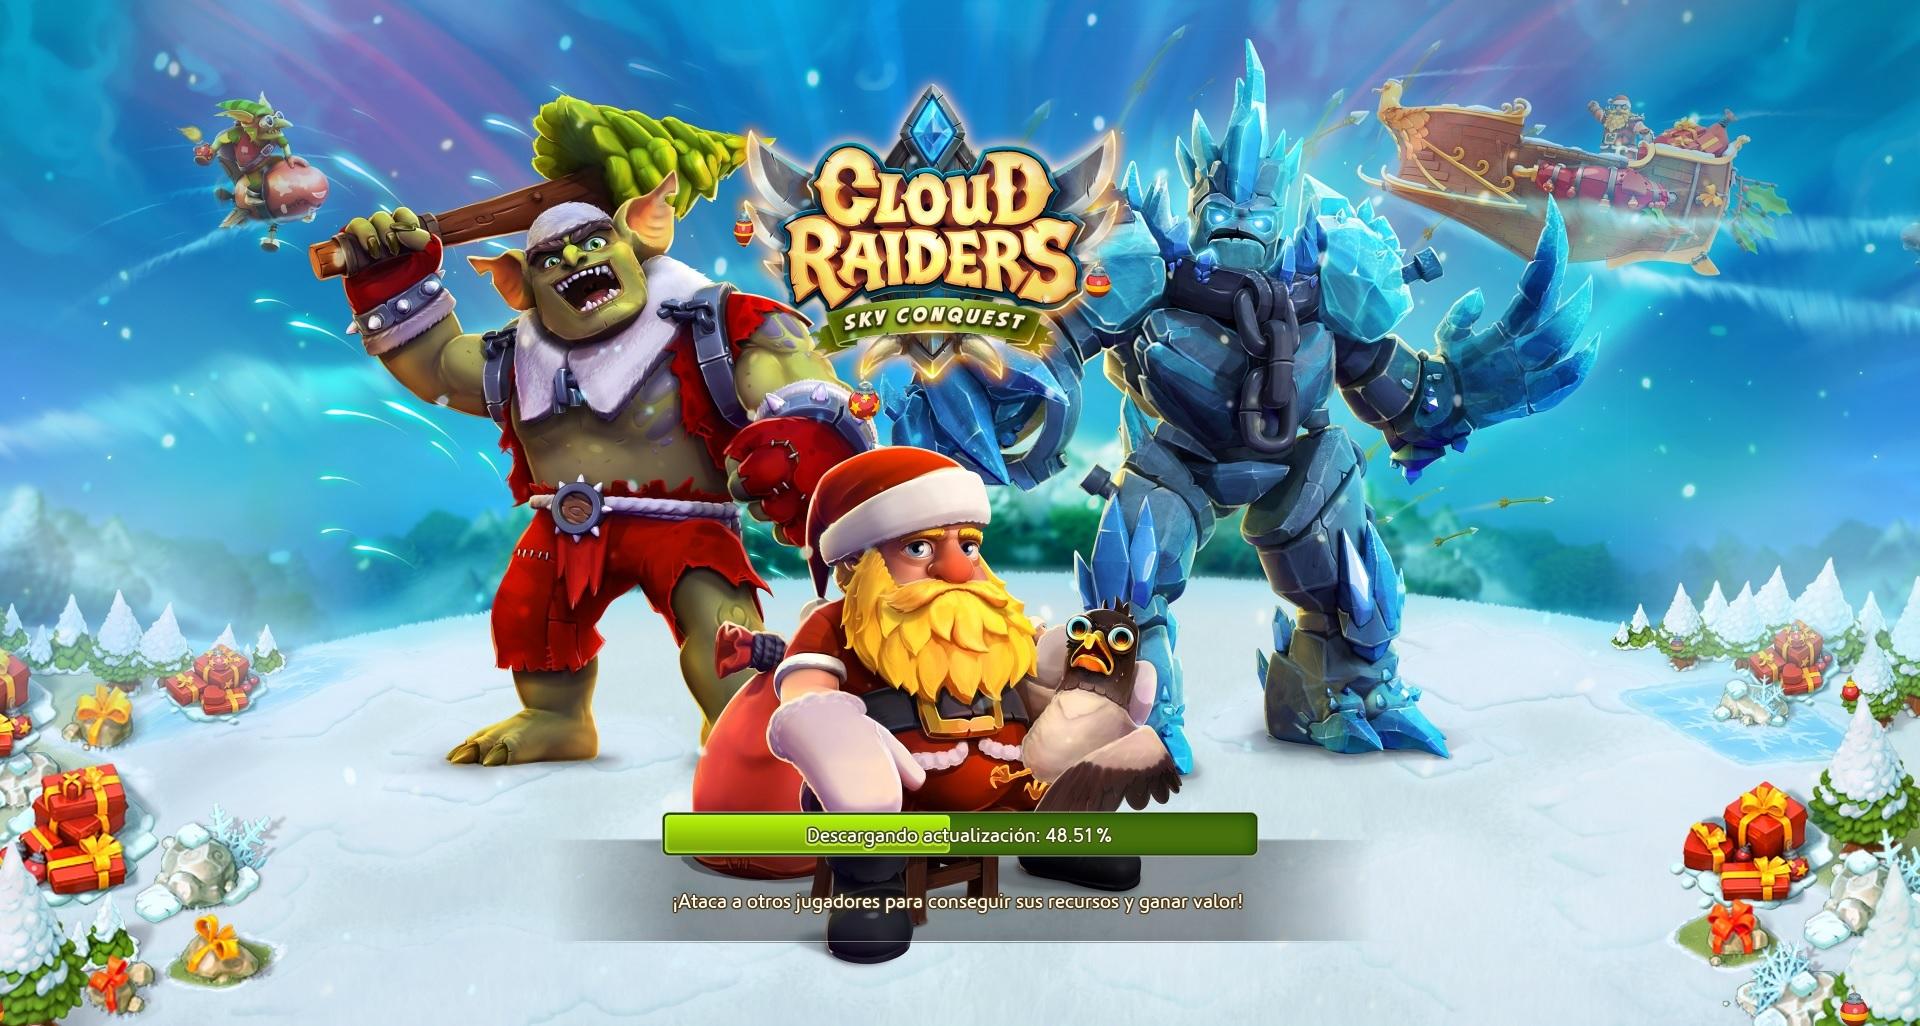 cloud raider